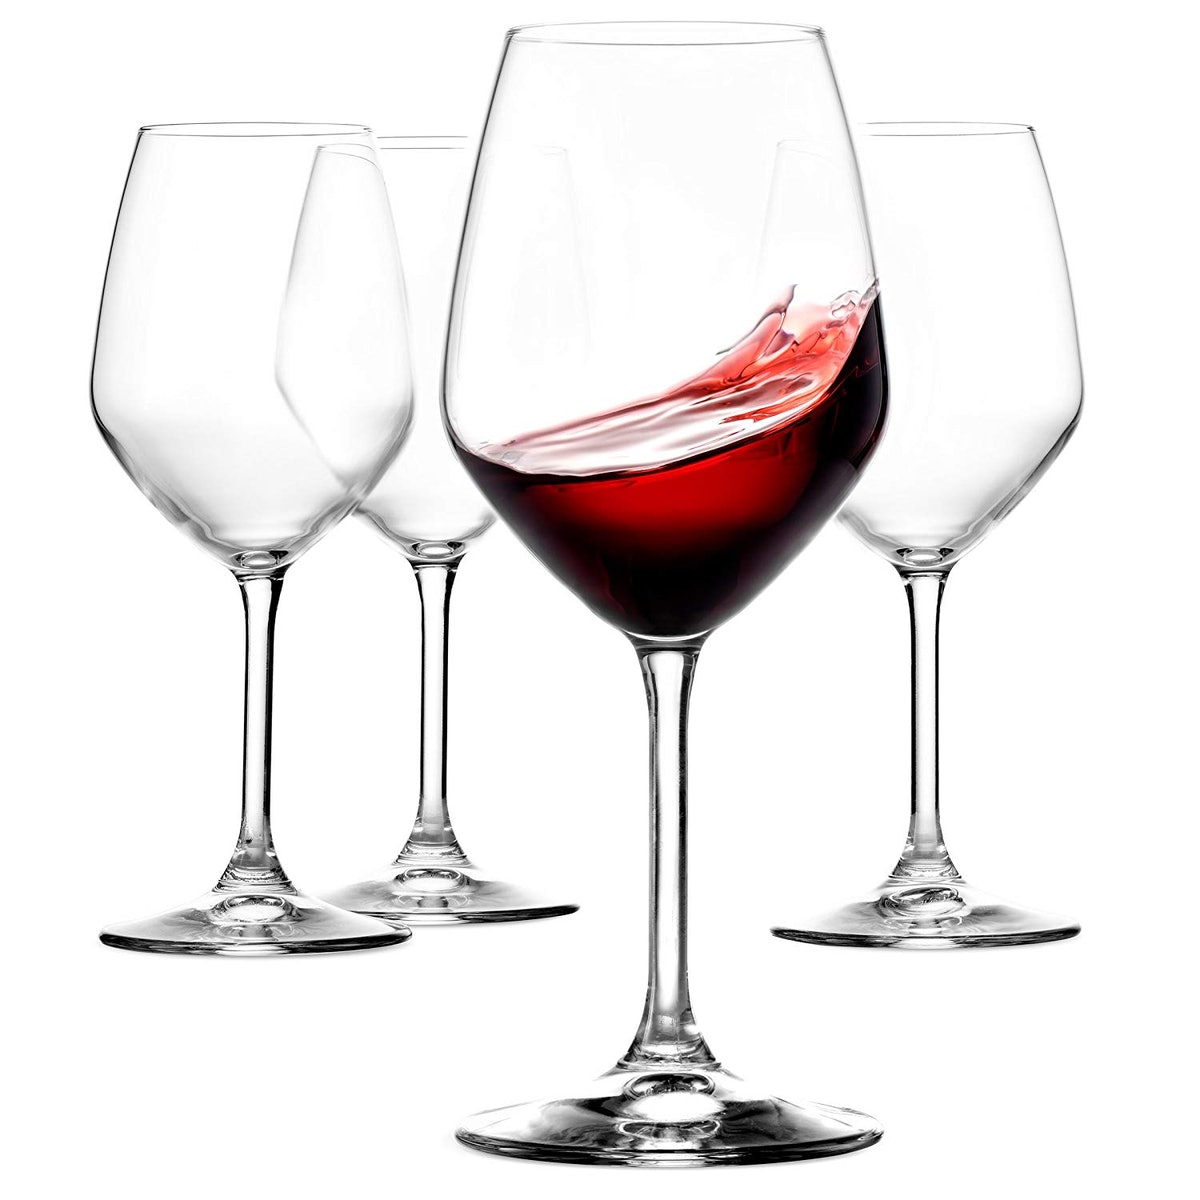 Paksh Novelty Red Wine Glasses (Set of 4)